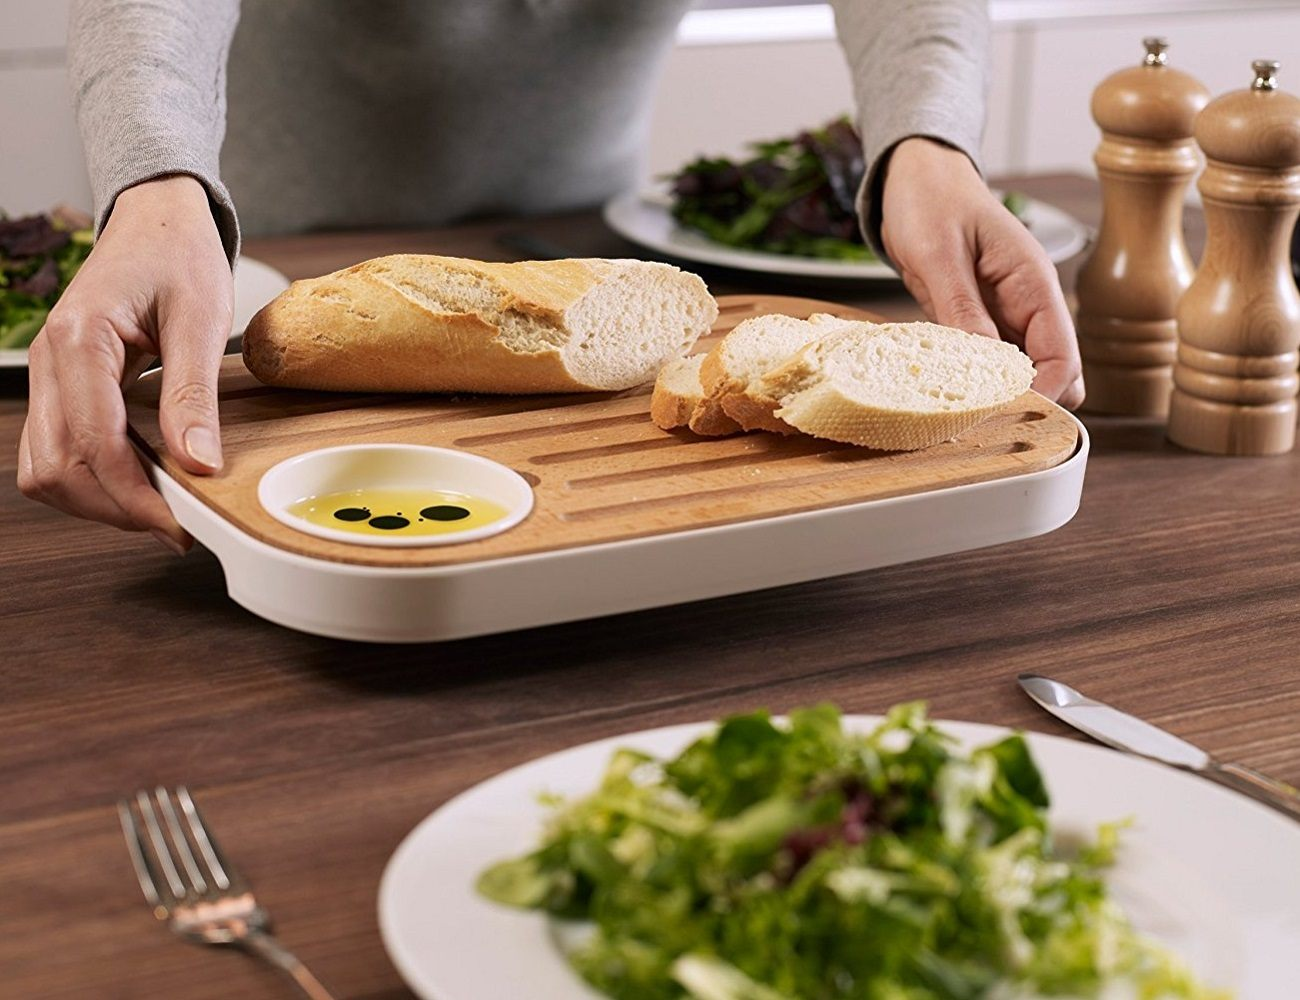 Slice+%26amp%3B+Serve+Bread+And+Cheese+Board+By+Joseph+Joseph